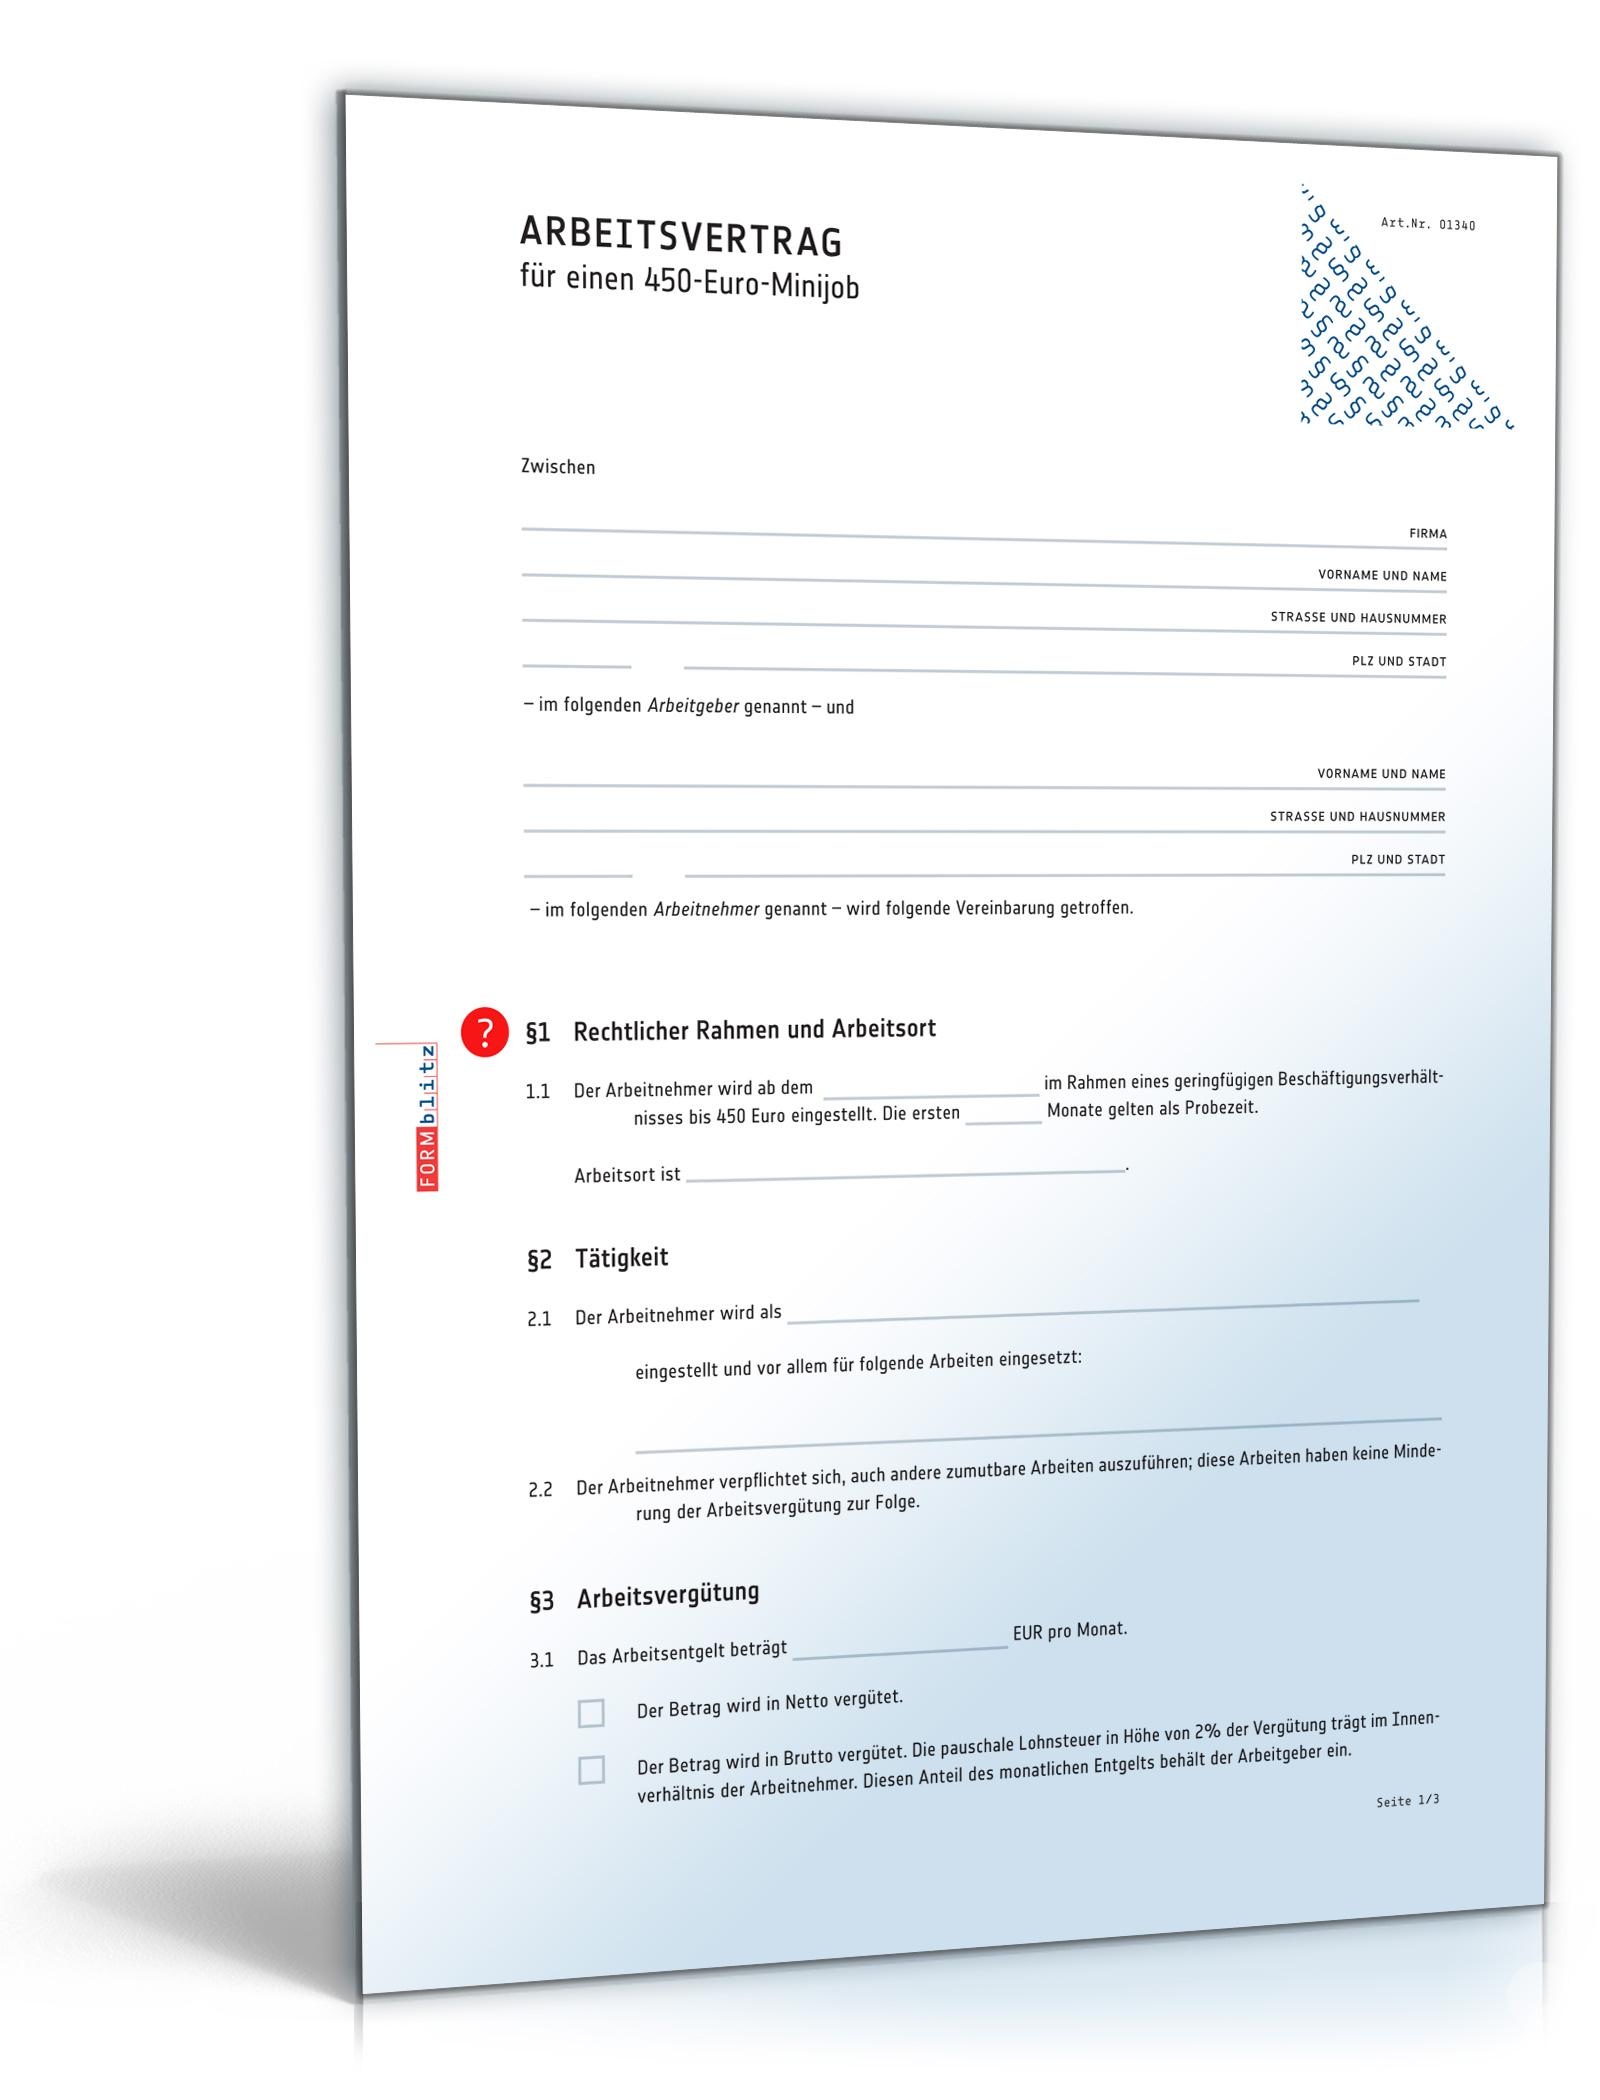 Arbeitsvertrag Minijob (PDF) - Vertrag für 450-Euro-Minijob [Download]